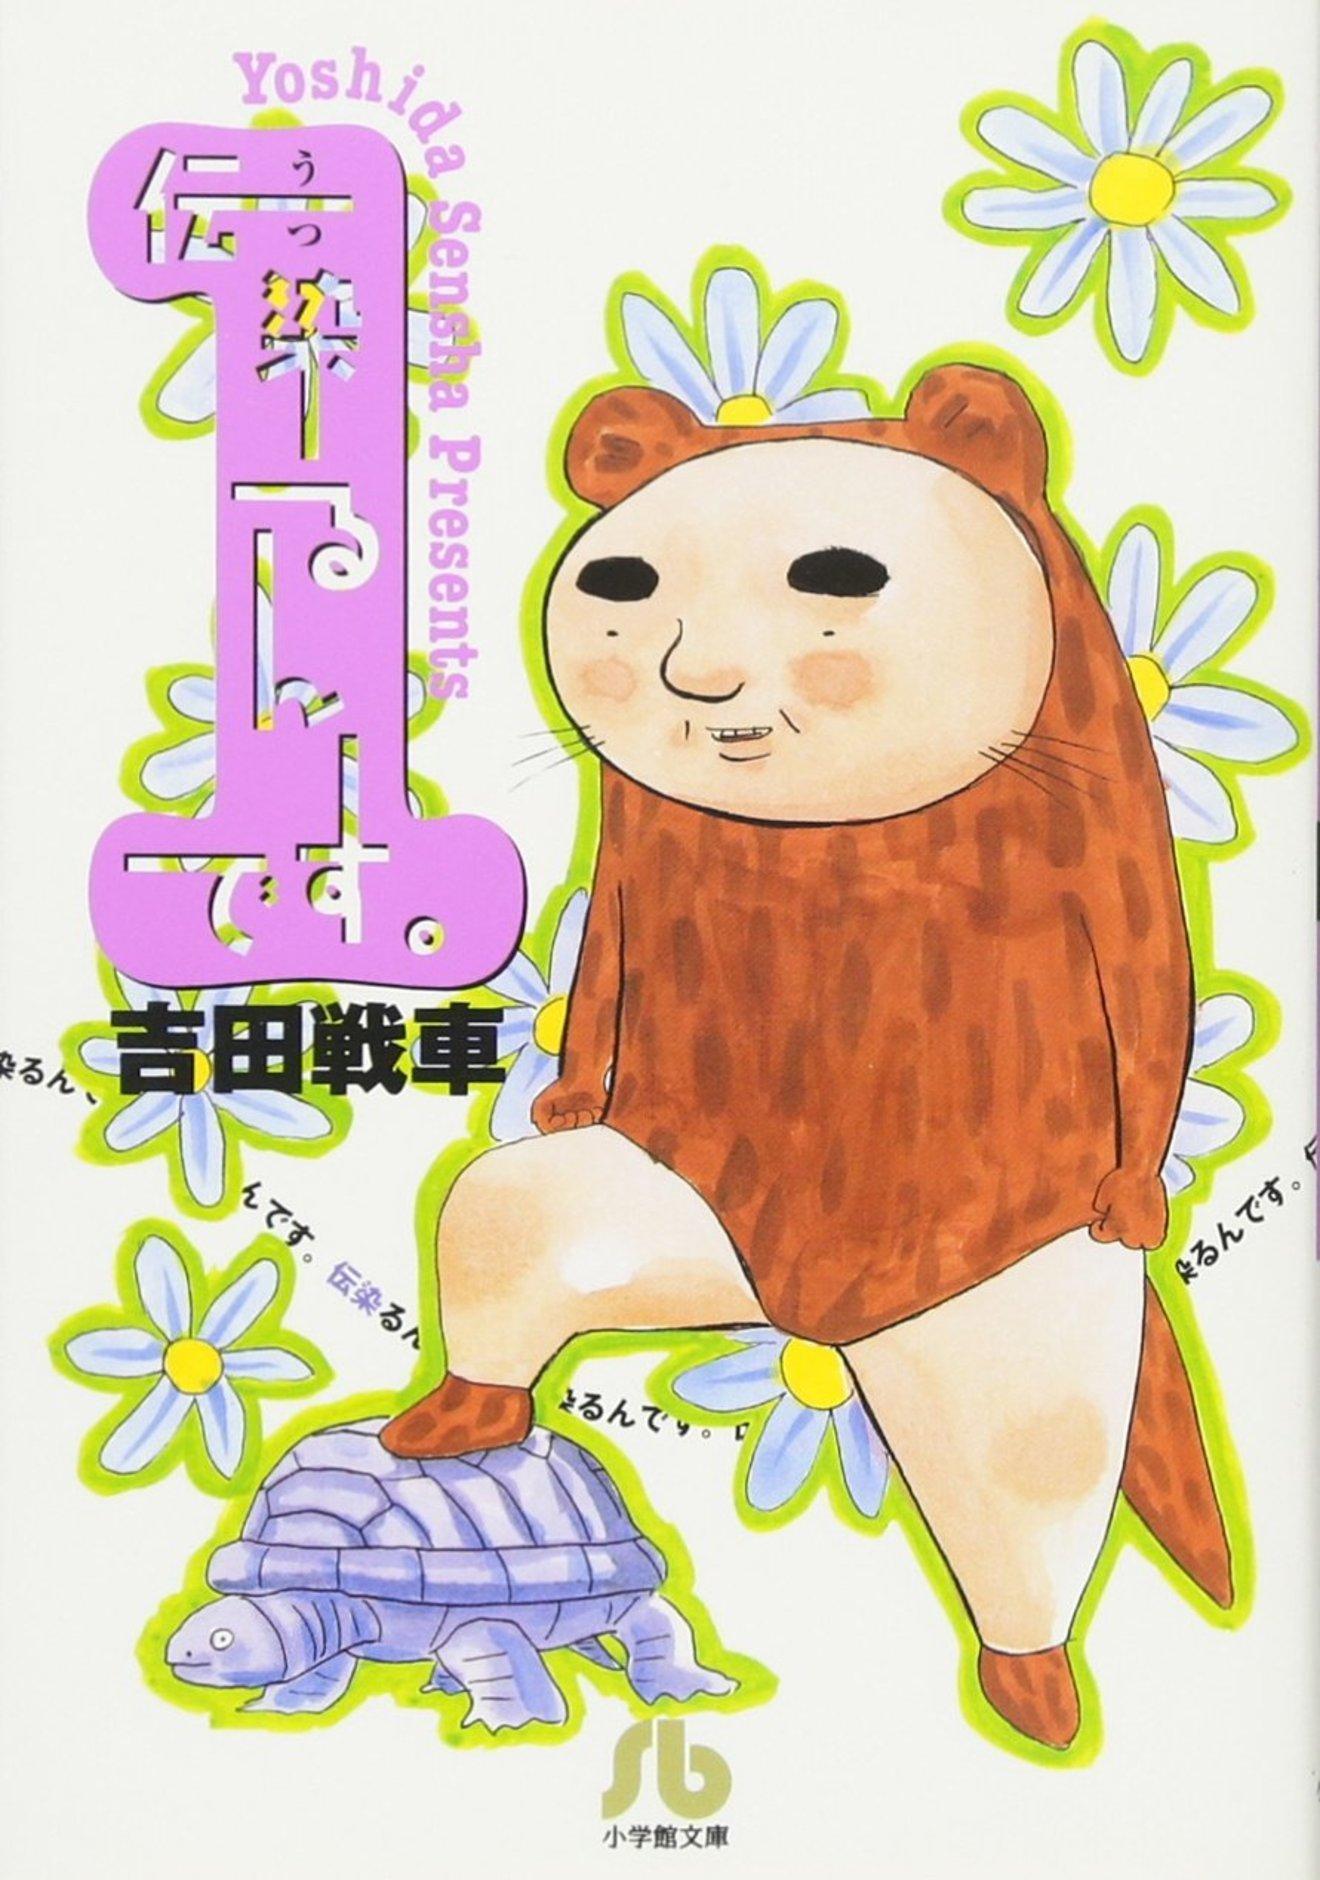 吉田戦車のおすすめ漫画5選!シュールな絵と不条理ギャグが魅力